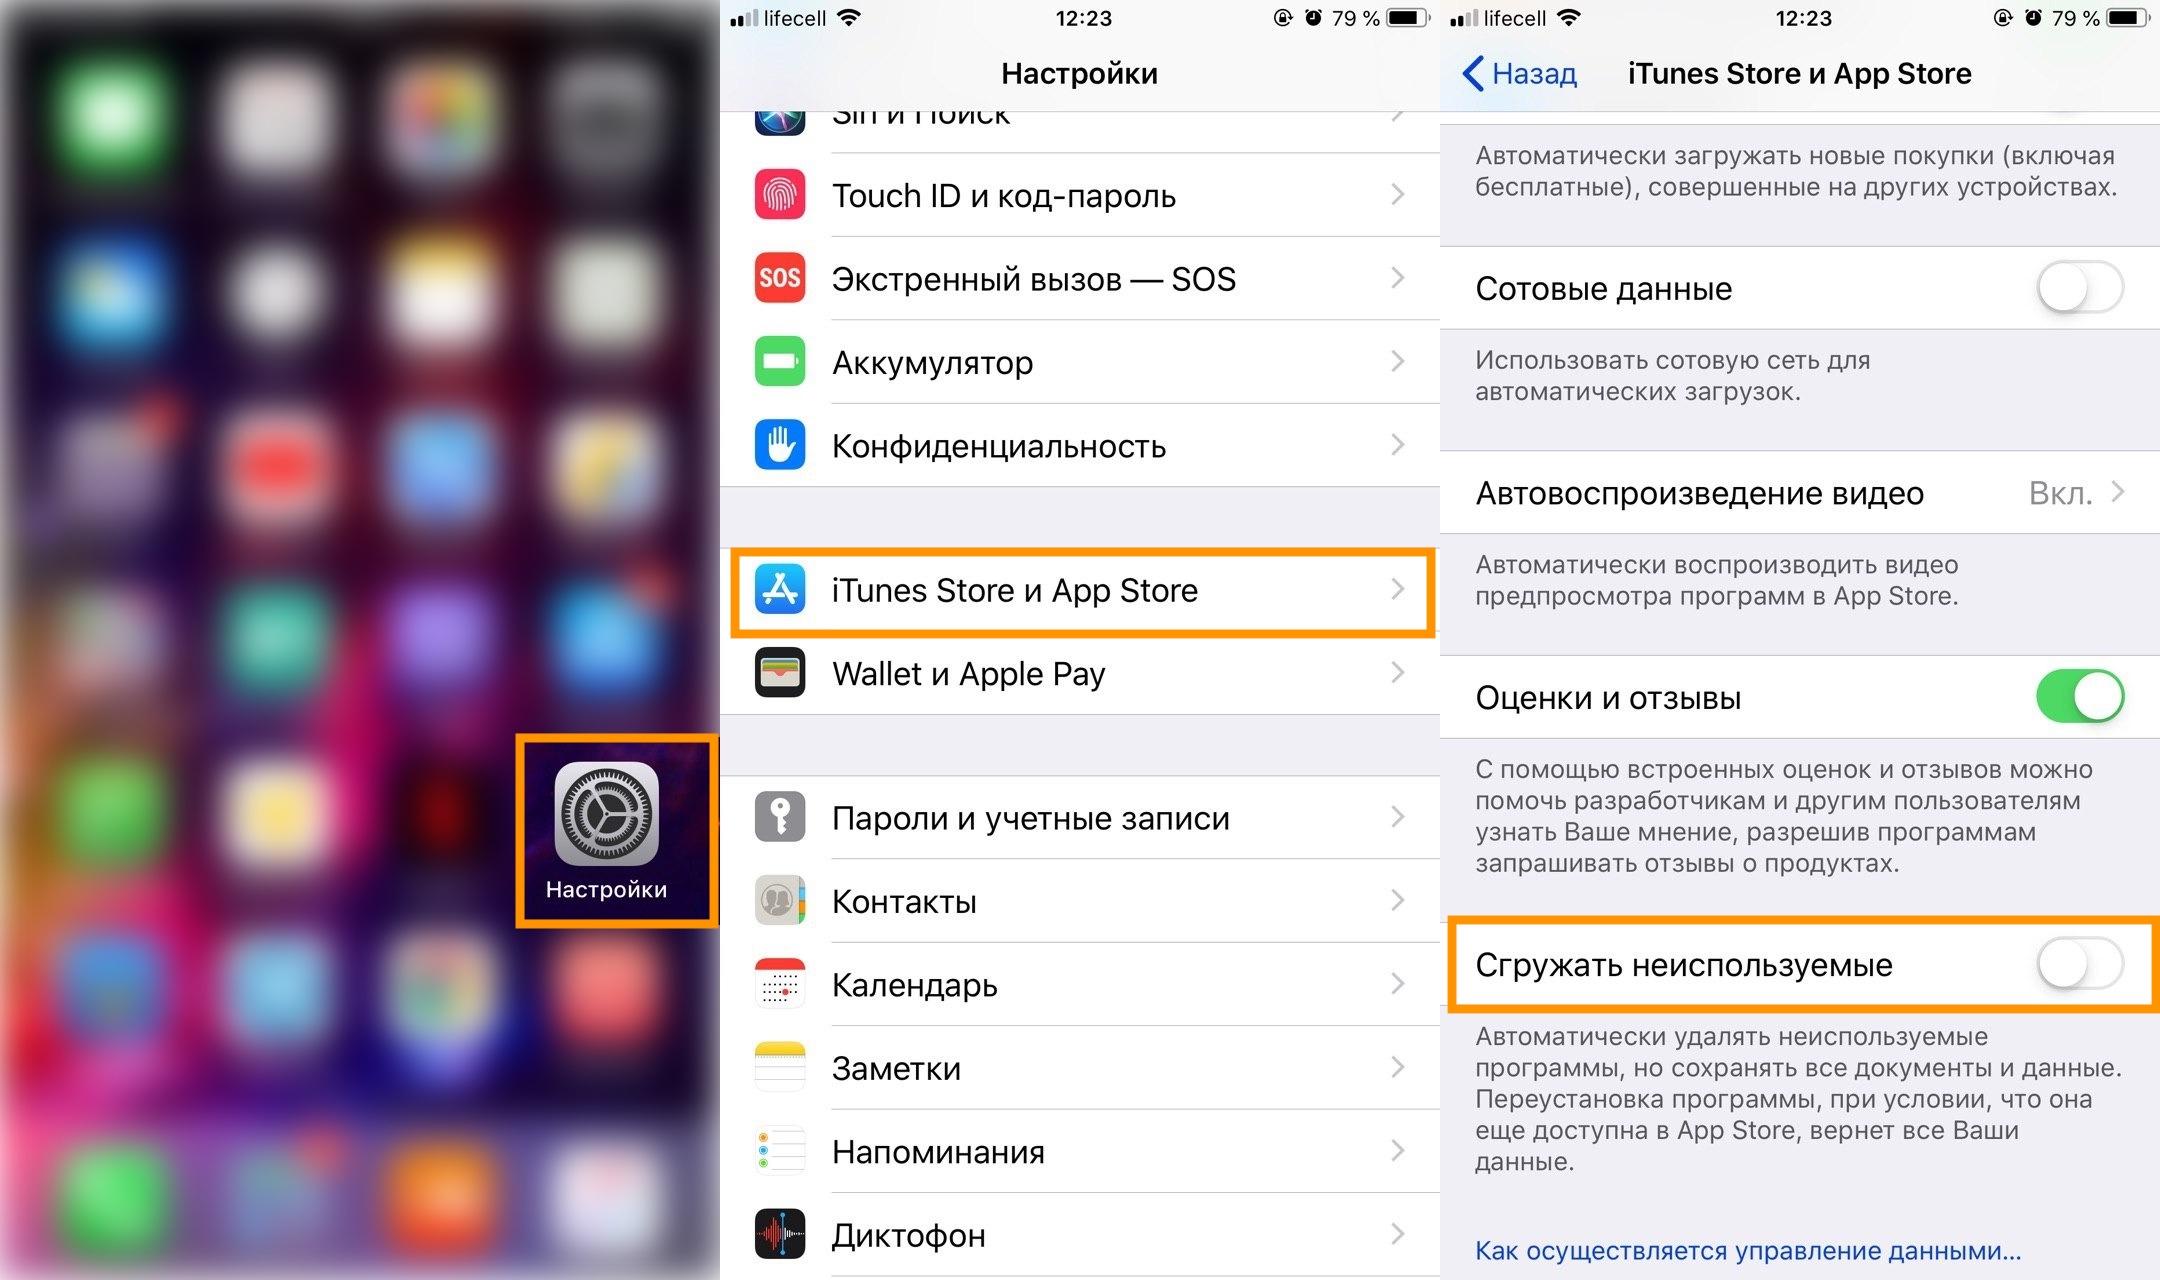 Настройки - iTunes Store и App Store - Сгружать неиспользуемые